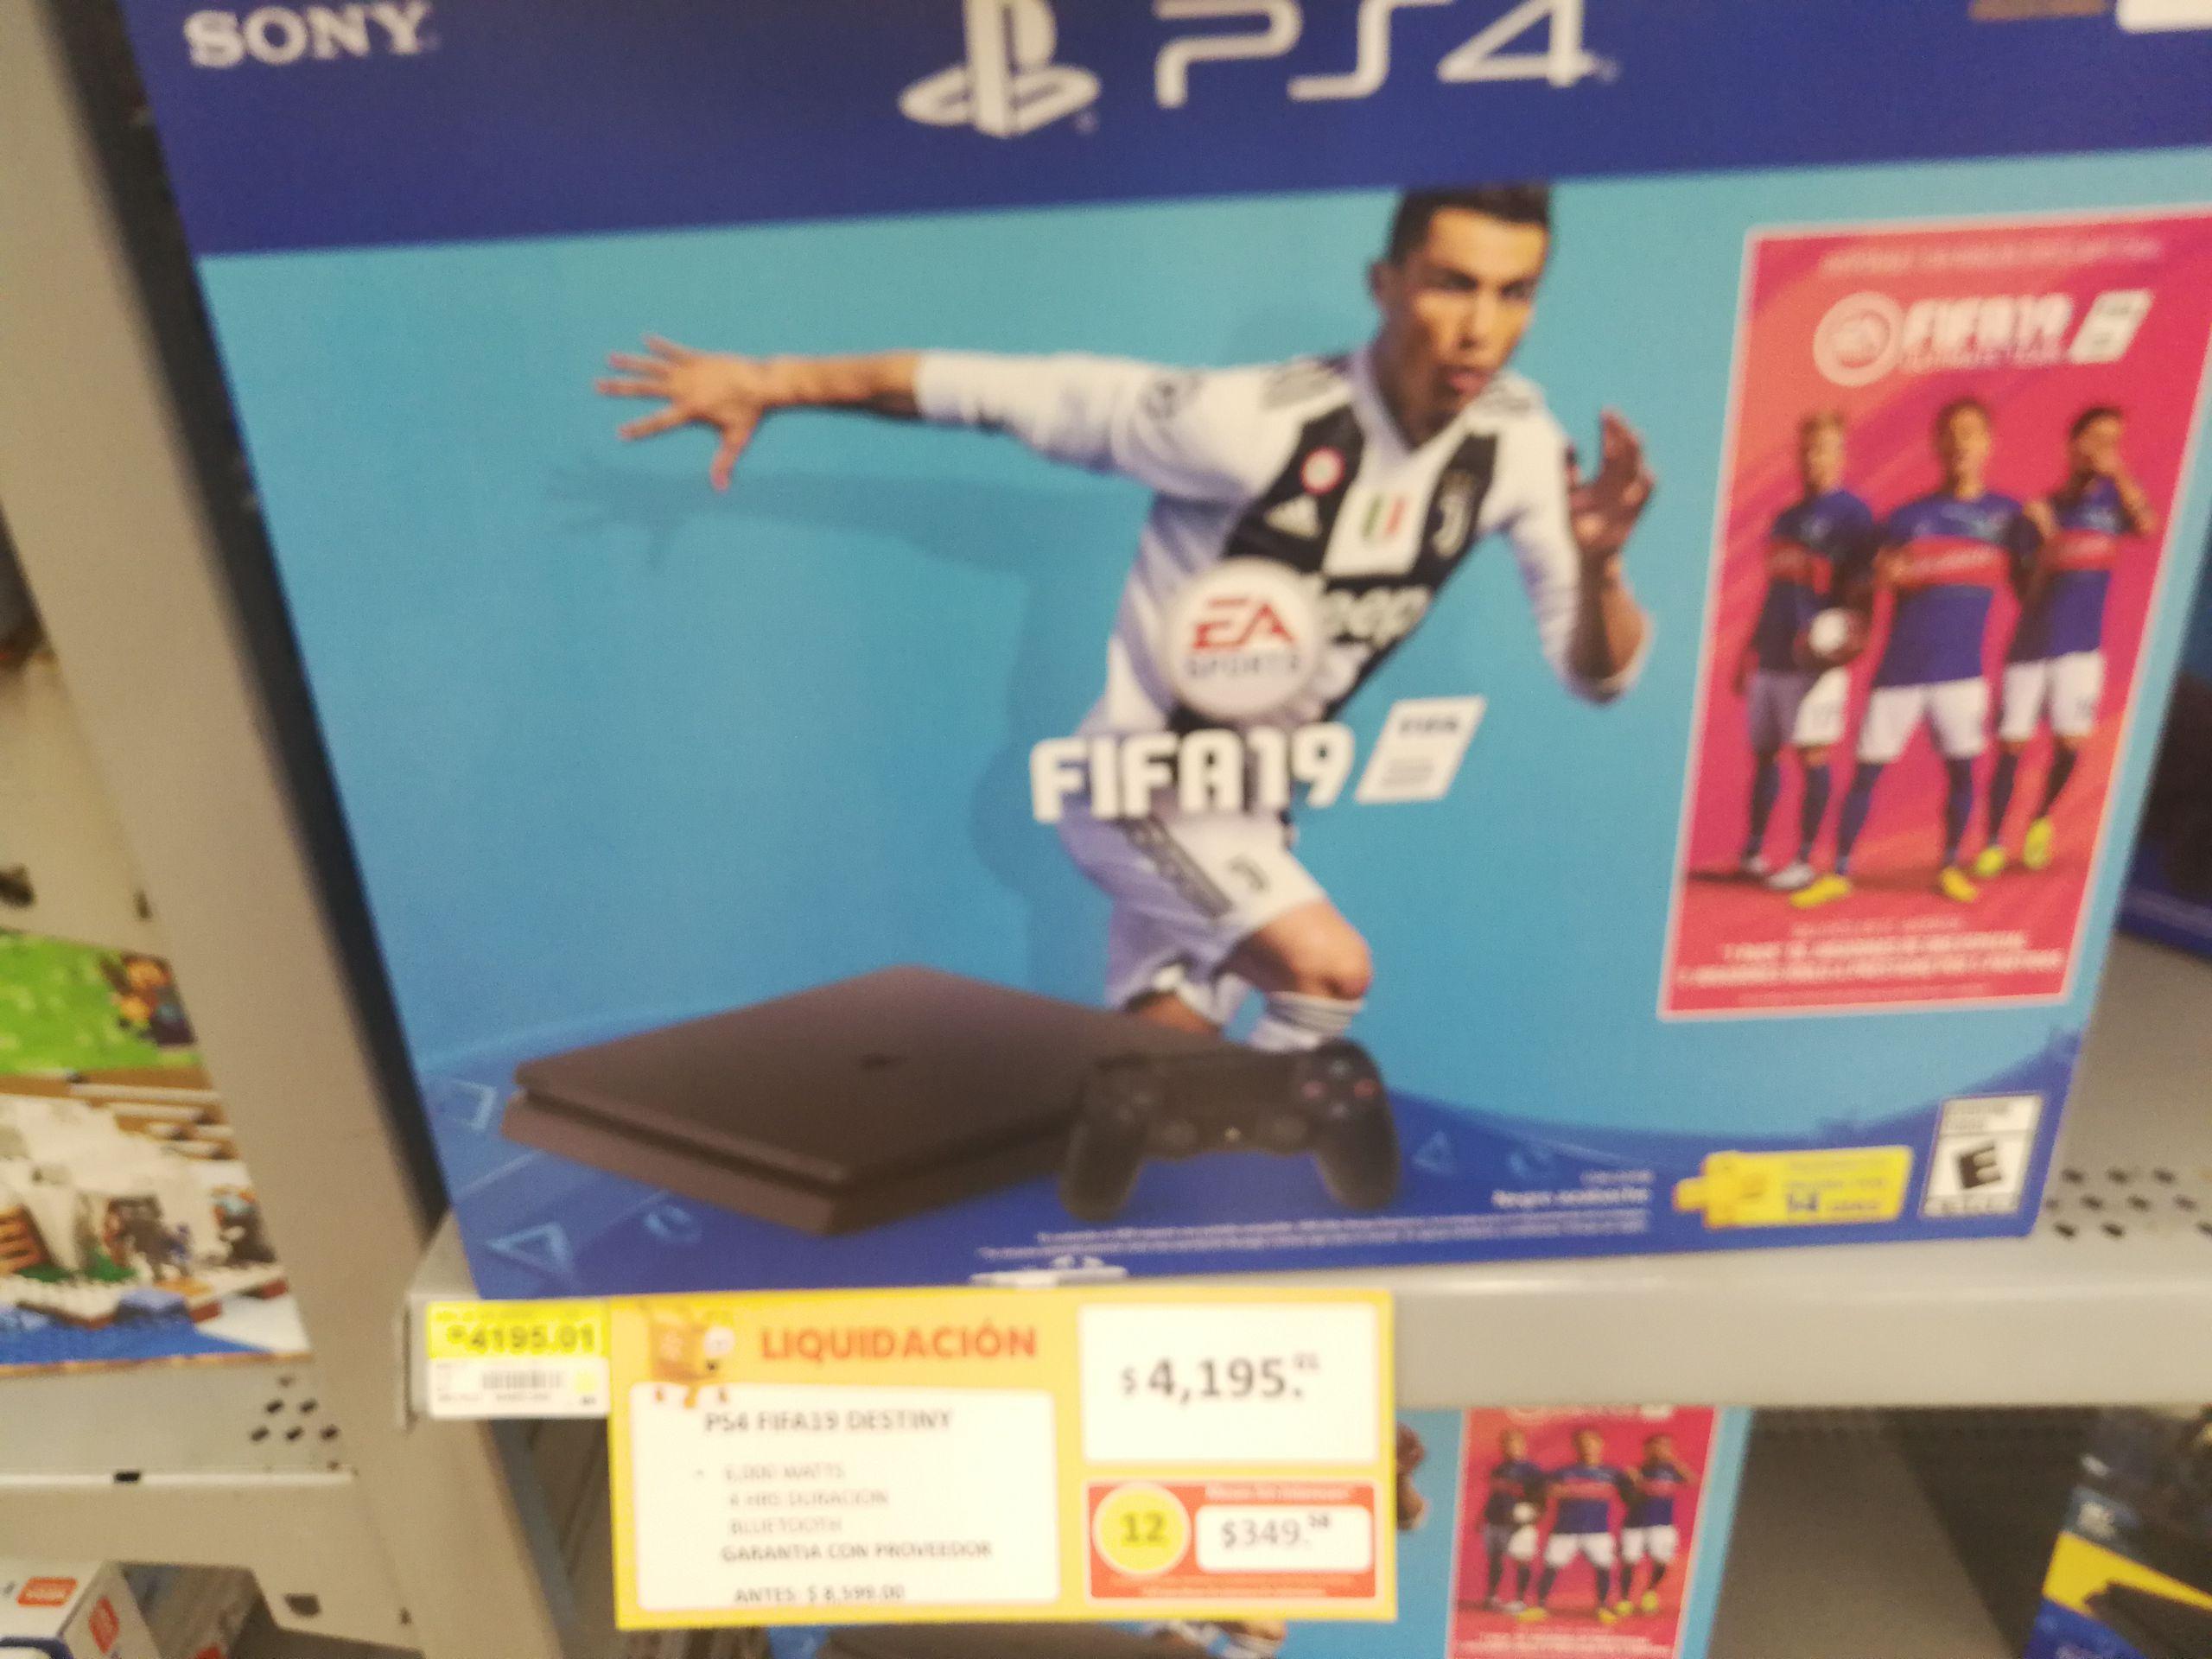 Walmart Carrizal Villahermosa: Consola PS4 Slim con FIFA 19 y Destiny